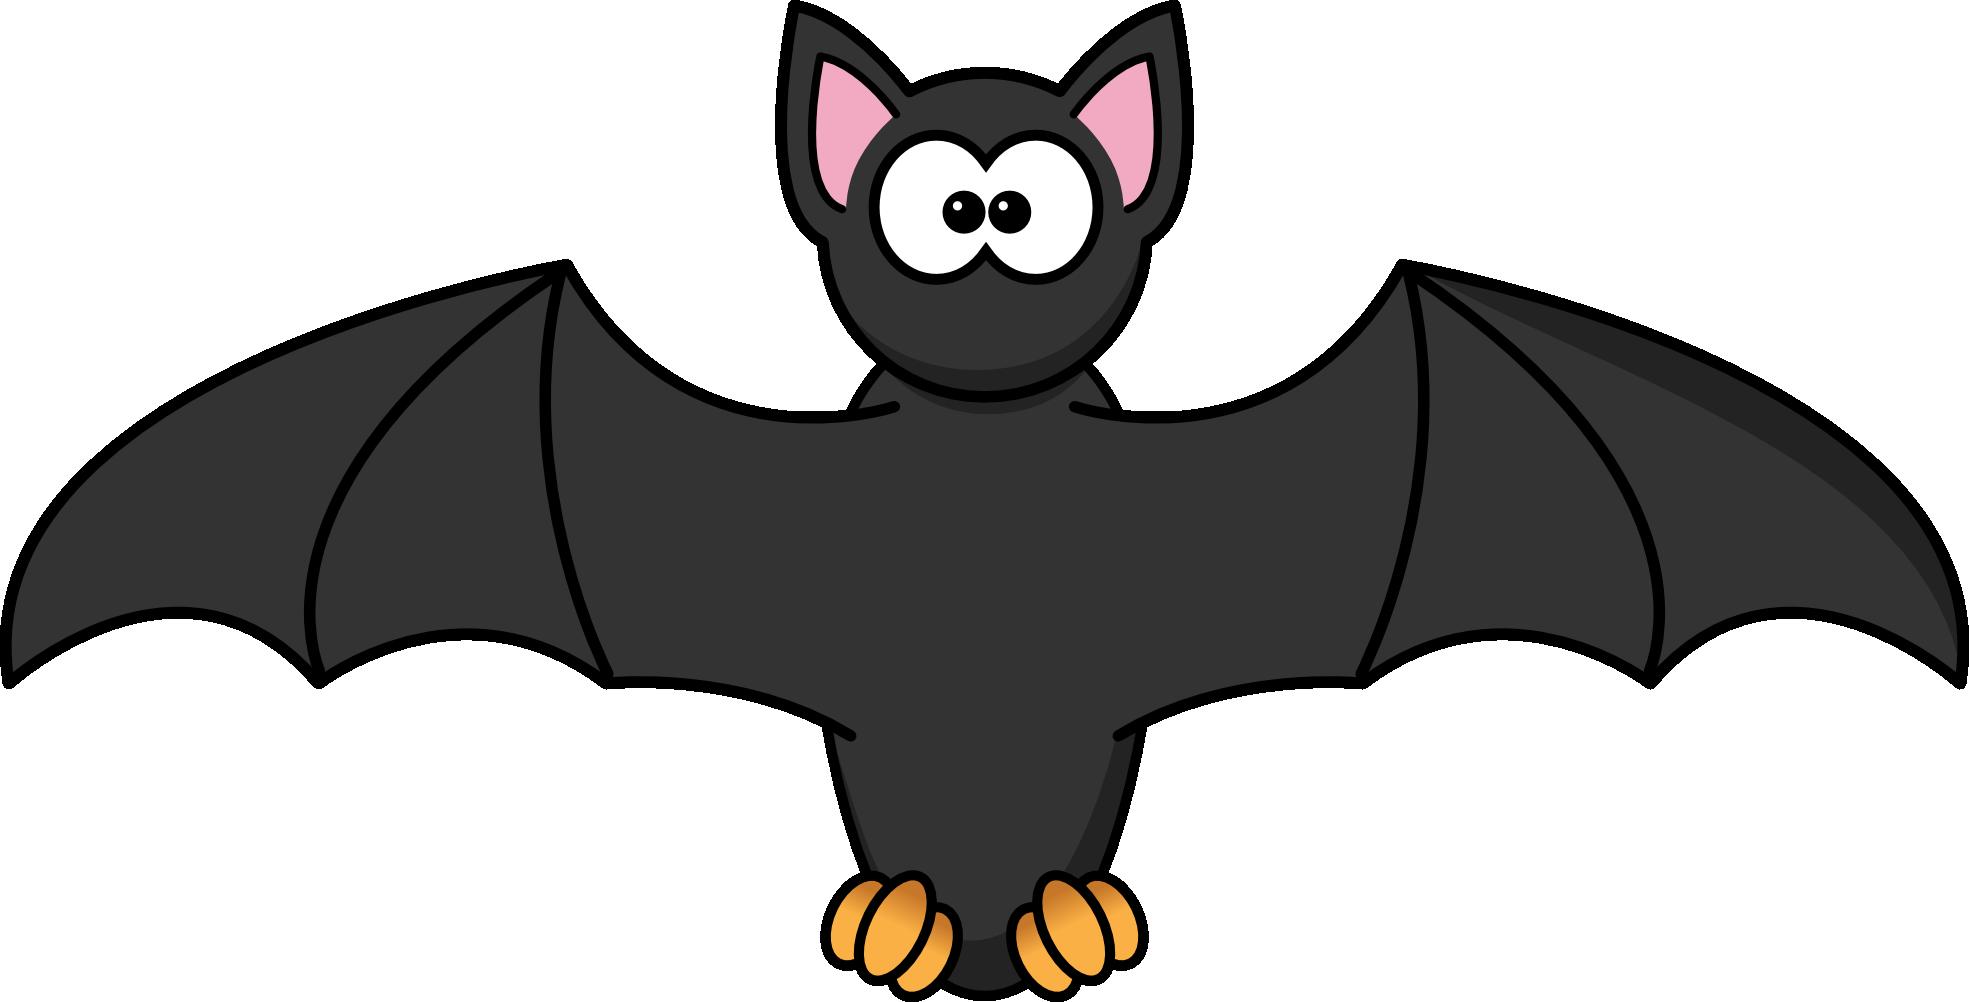 1969x1002 Bat Clipart Free Images